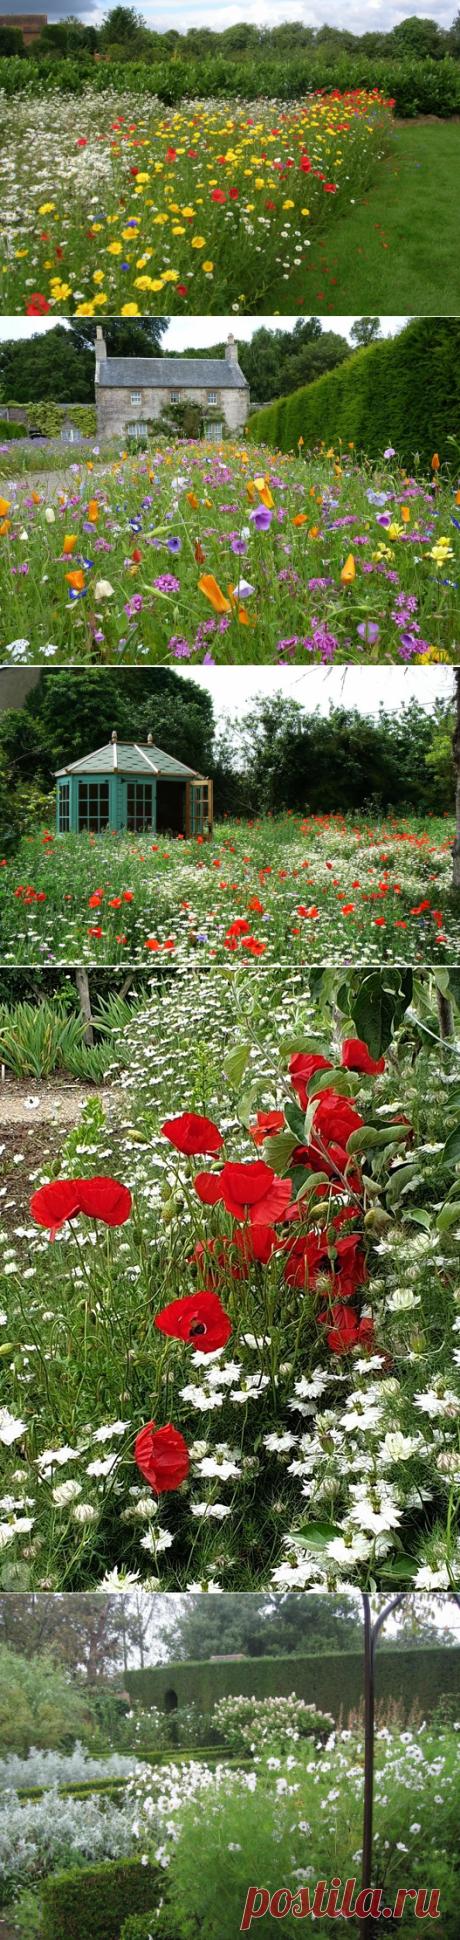 Сады полевых цветов. Цветущий луг. Опять англичане что-то придумали | Карельские Дачники | Яндекс Дзен